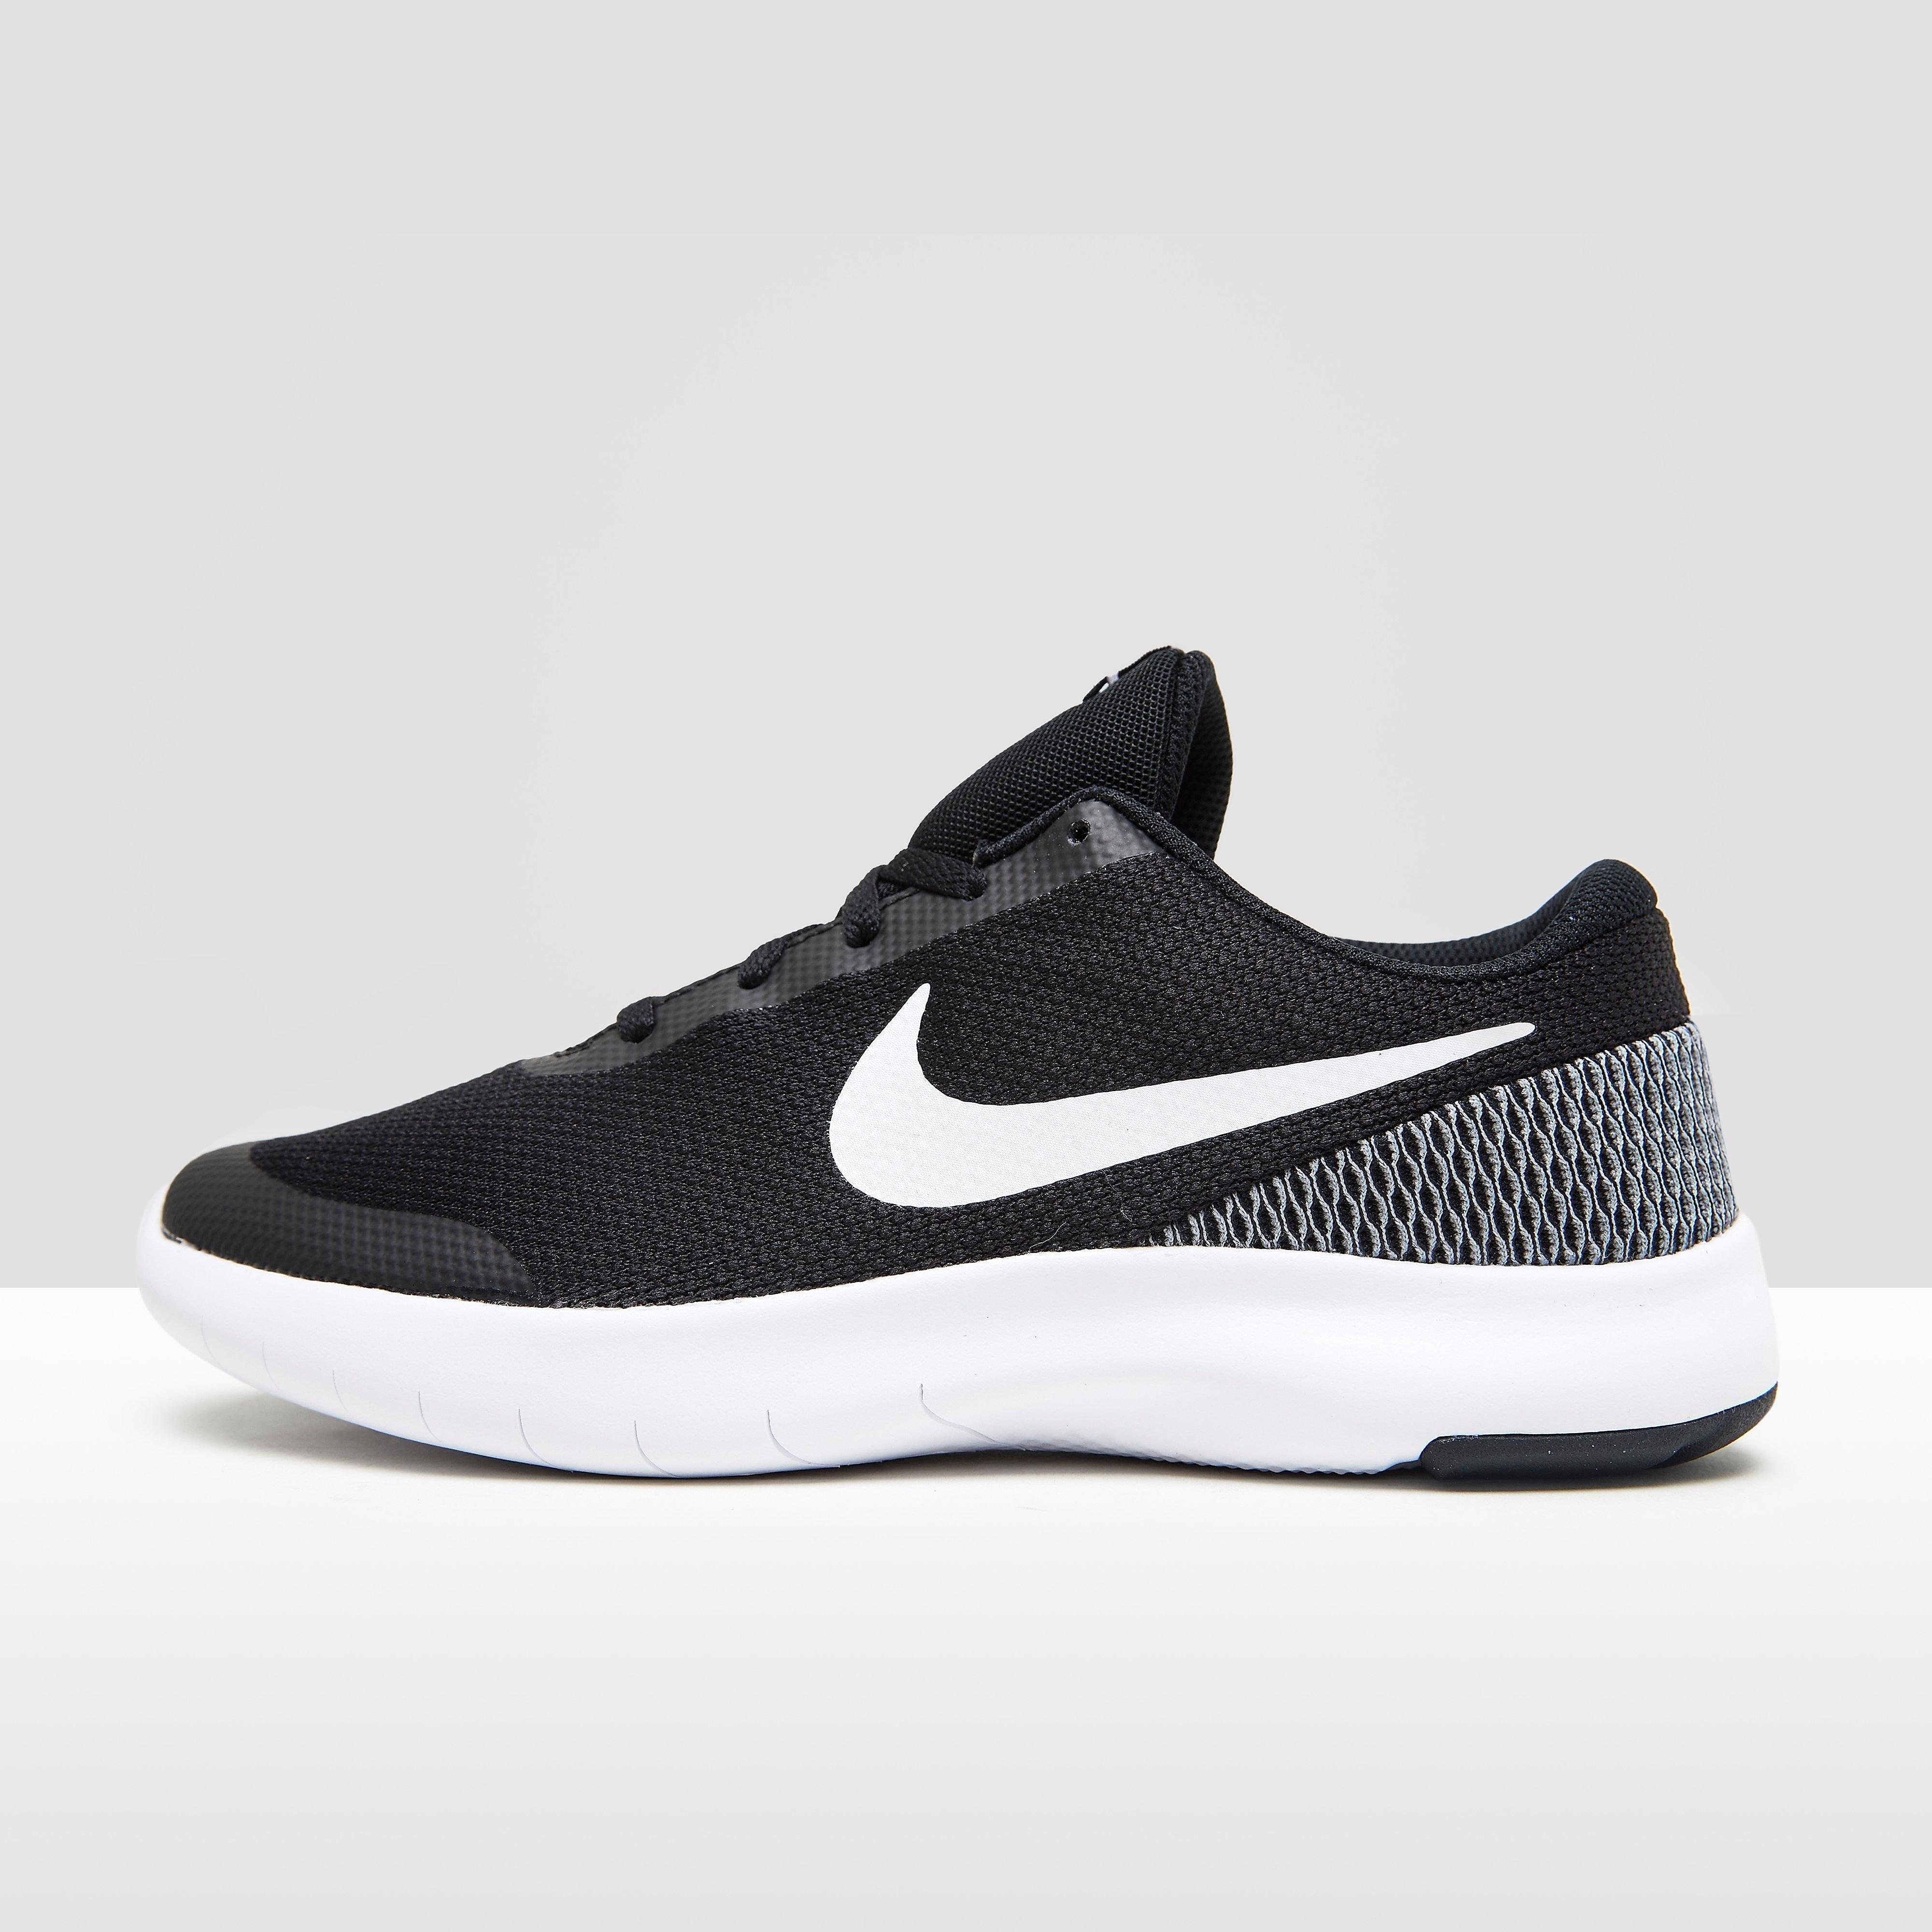 Nike - Chaussures Lunaires De Course Apparents - Hommes - Chaussures - Noir - 44 su6Yg0t